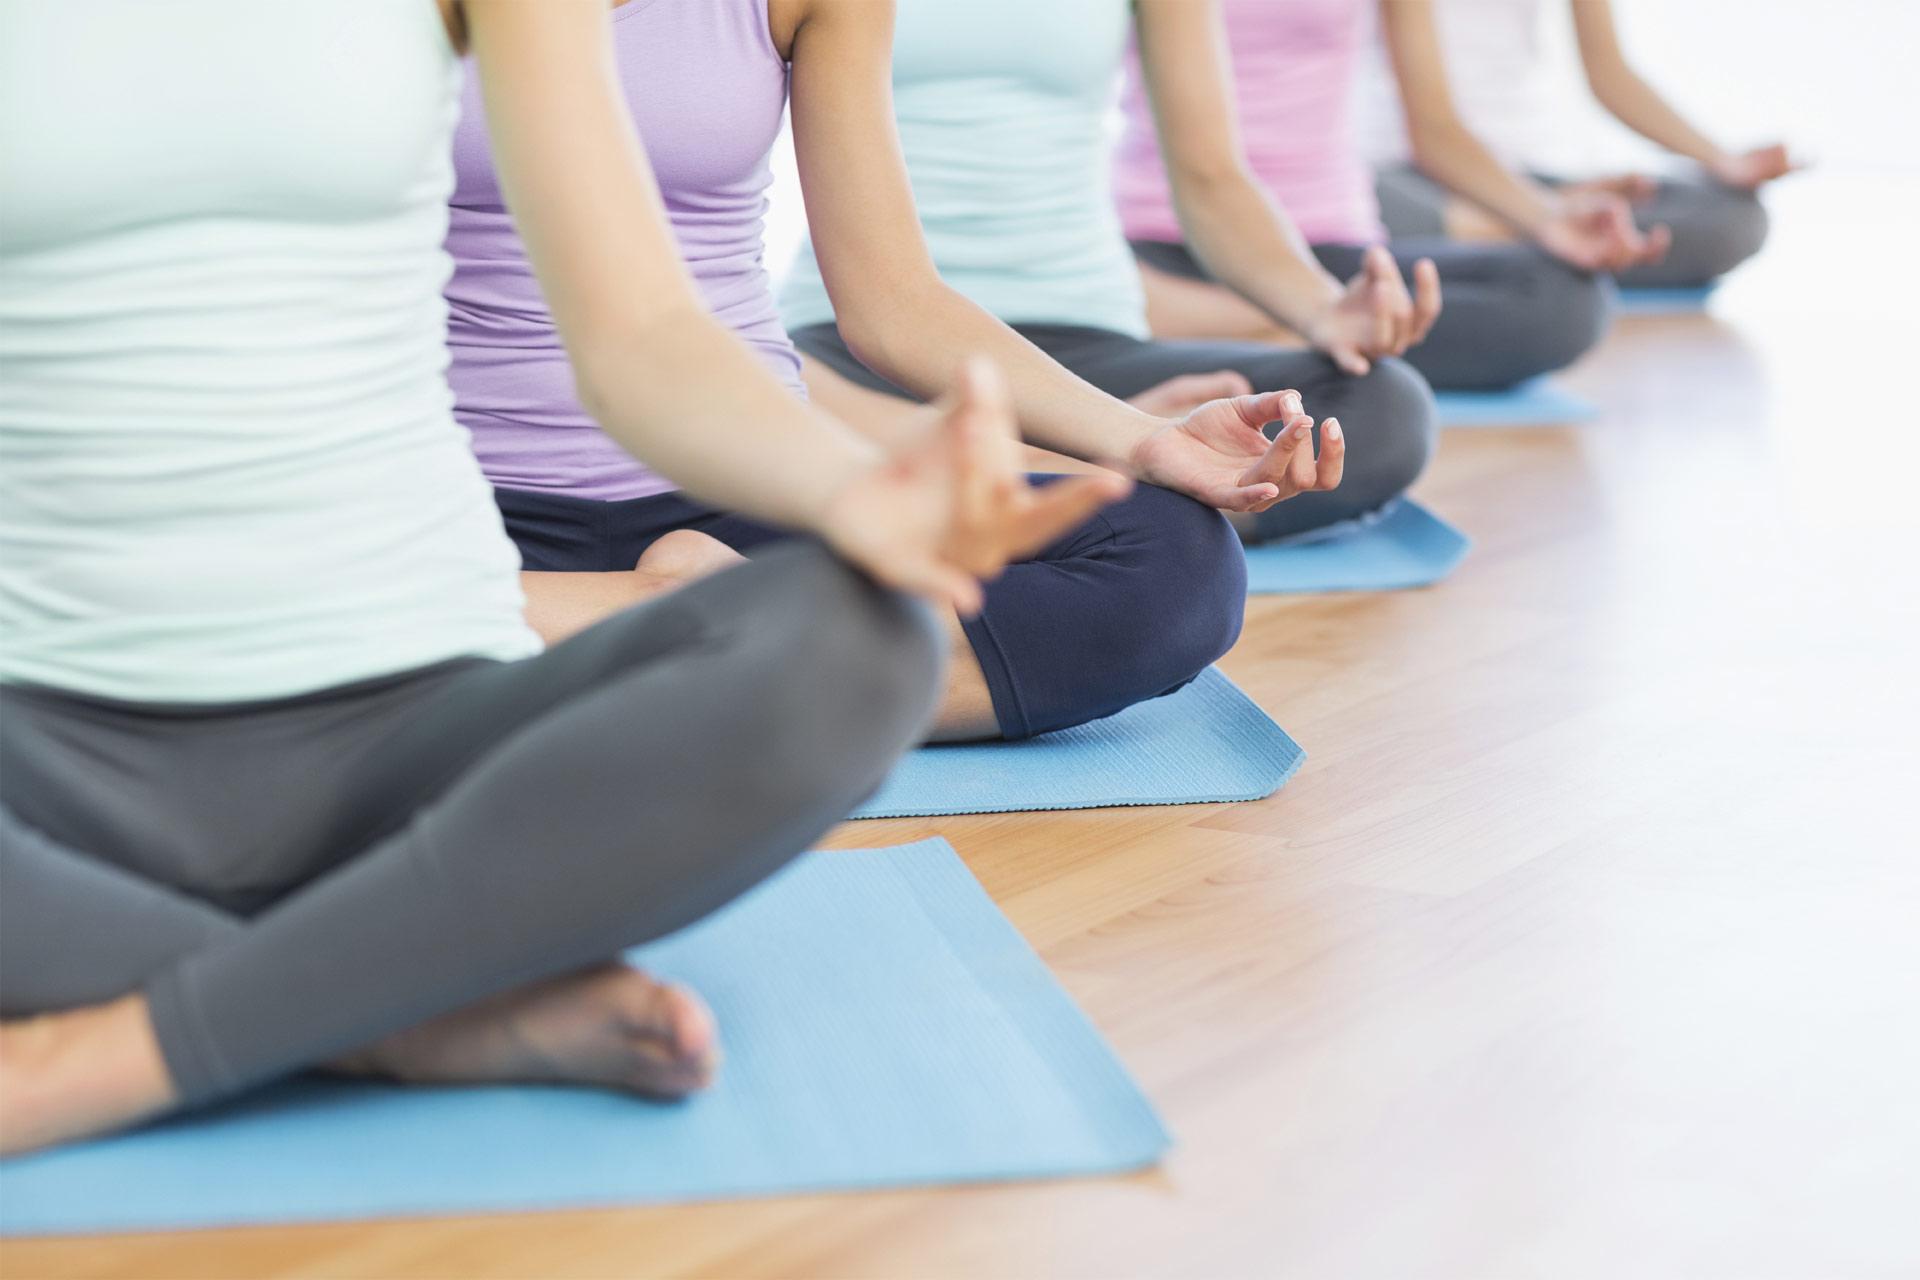 Esta modalidad del yoga ayuda a eliminar las toxinas de todo el cuerpo y a ser más flexible debido a la temperatura en la que se practica